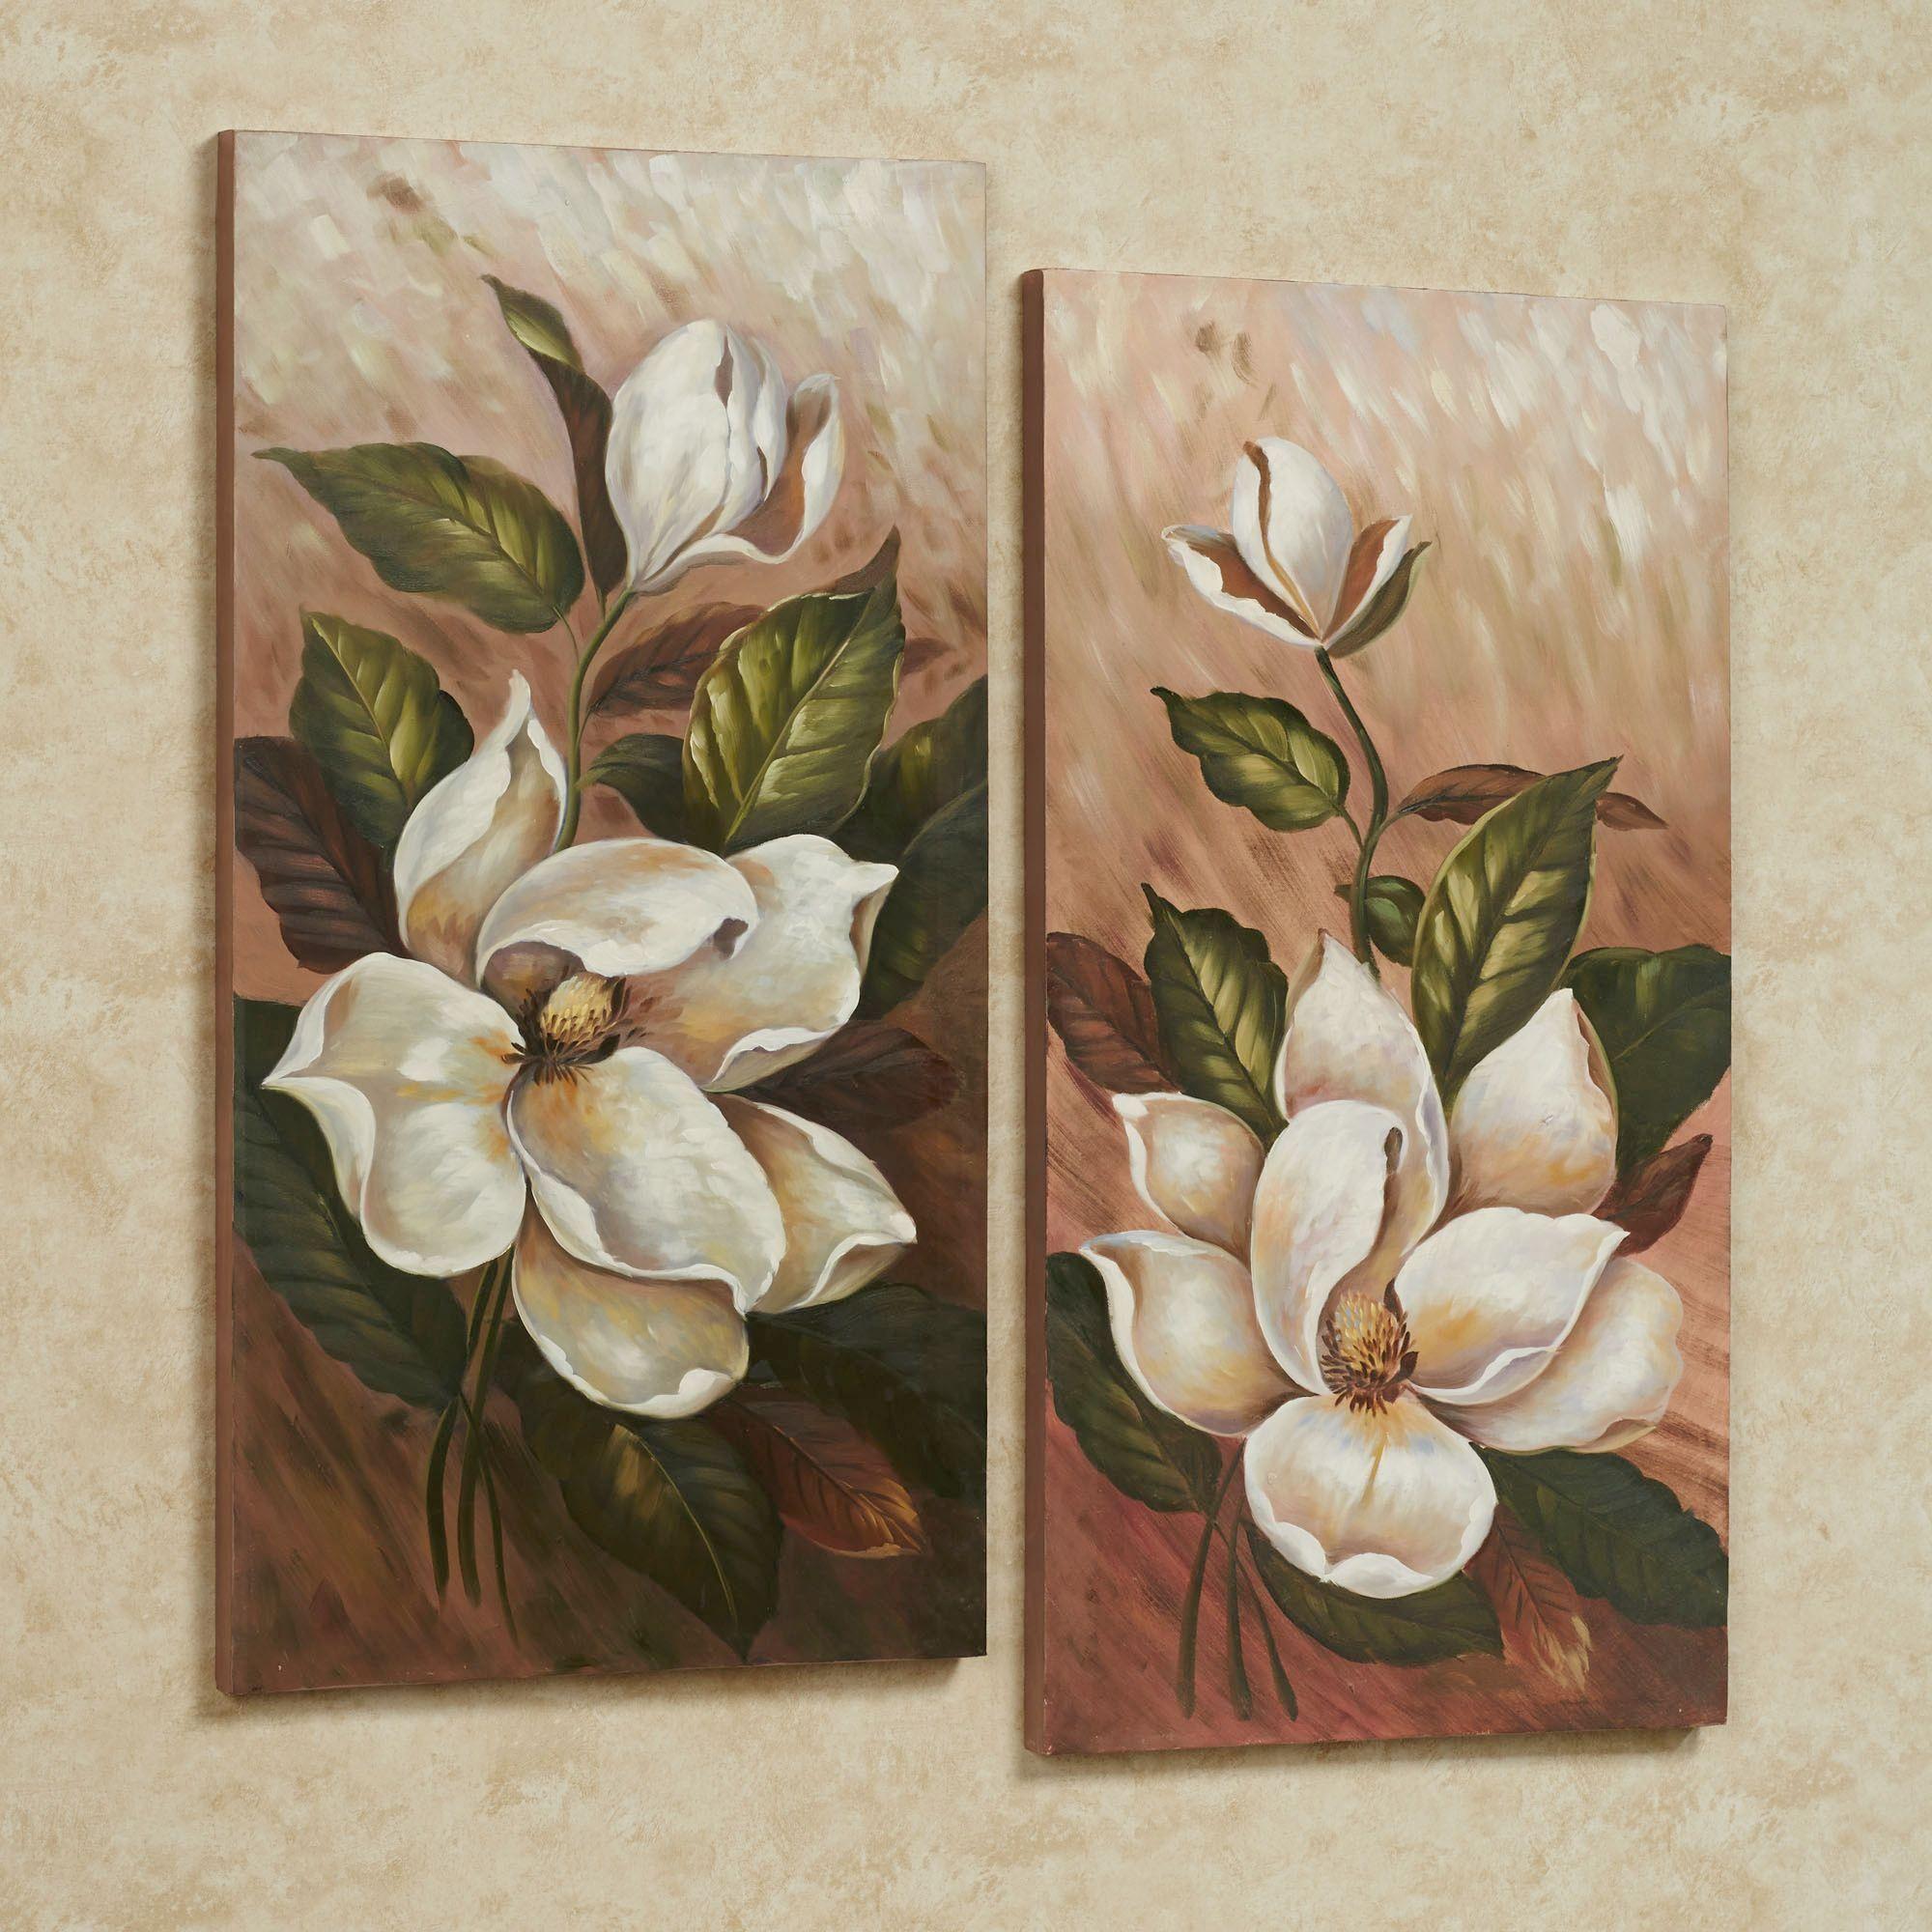 Annalynn Magnolia Floral Canvas Wall Art Set Pinturas Florales Cuadros Modernos Flores Pintadas